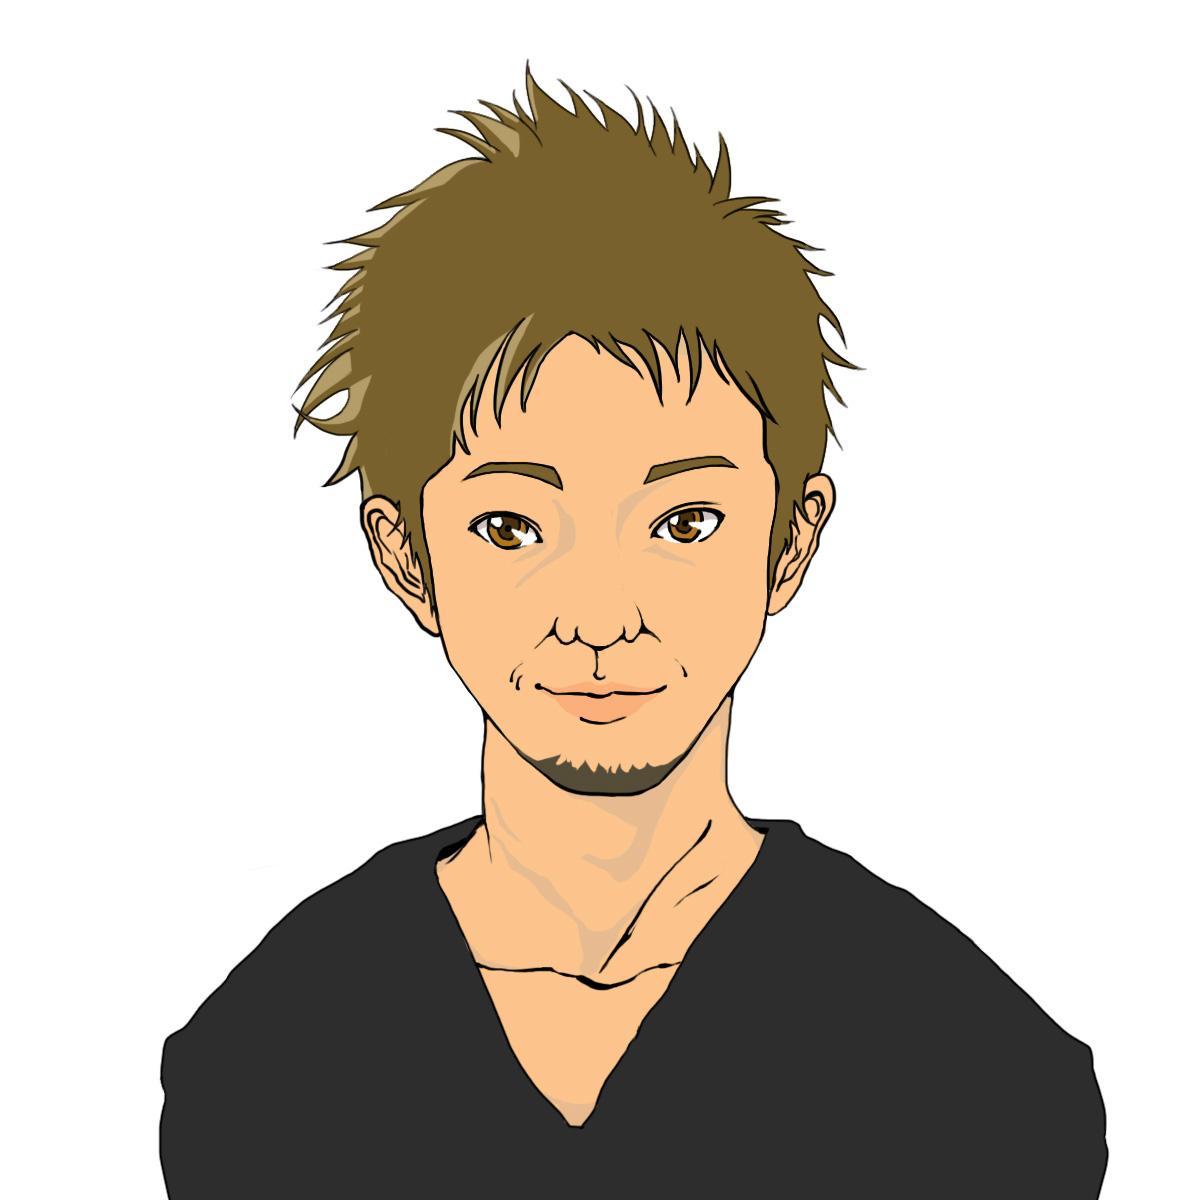 紹介用の似顔絵を作成致します HP等で紹介用の似顔絵を必要とされている方